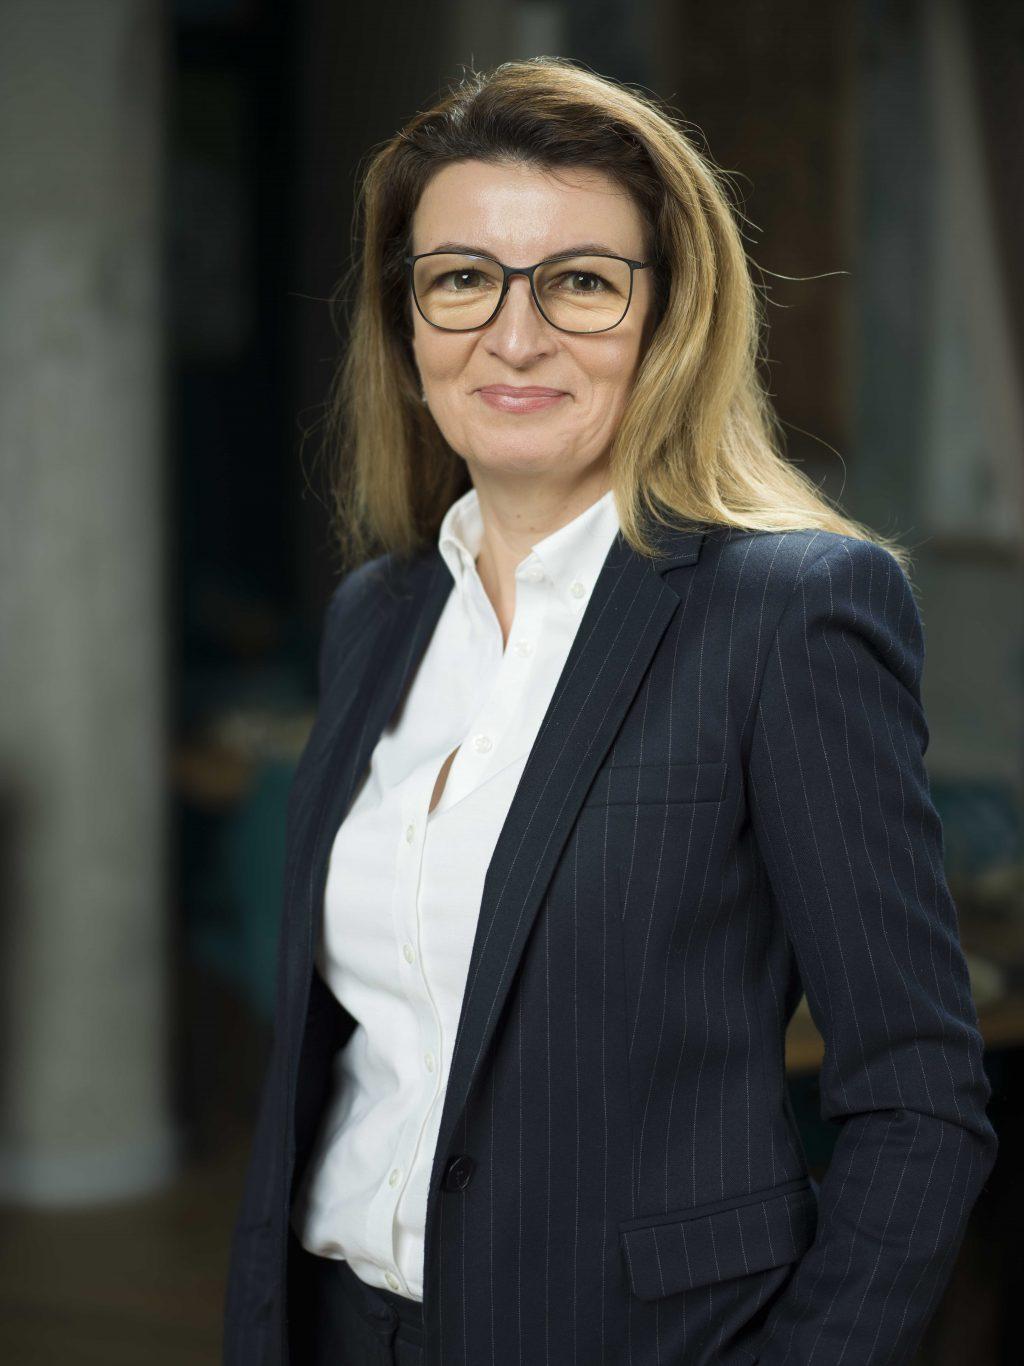  LĂCRĂMIOARA DIACONU-PINTEA, Membru al Directoratului, Complexul Energetic Oltenia